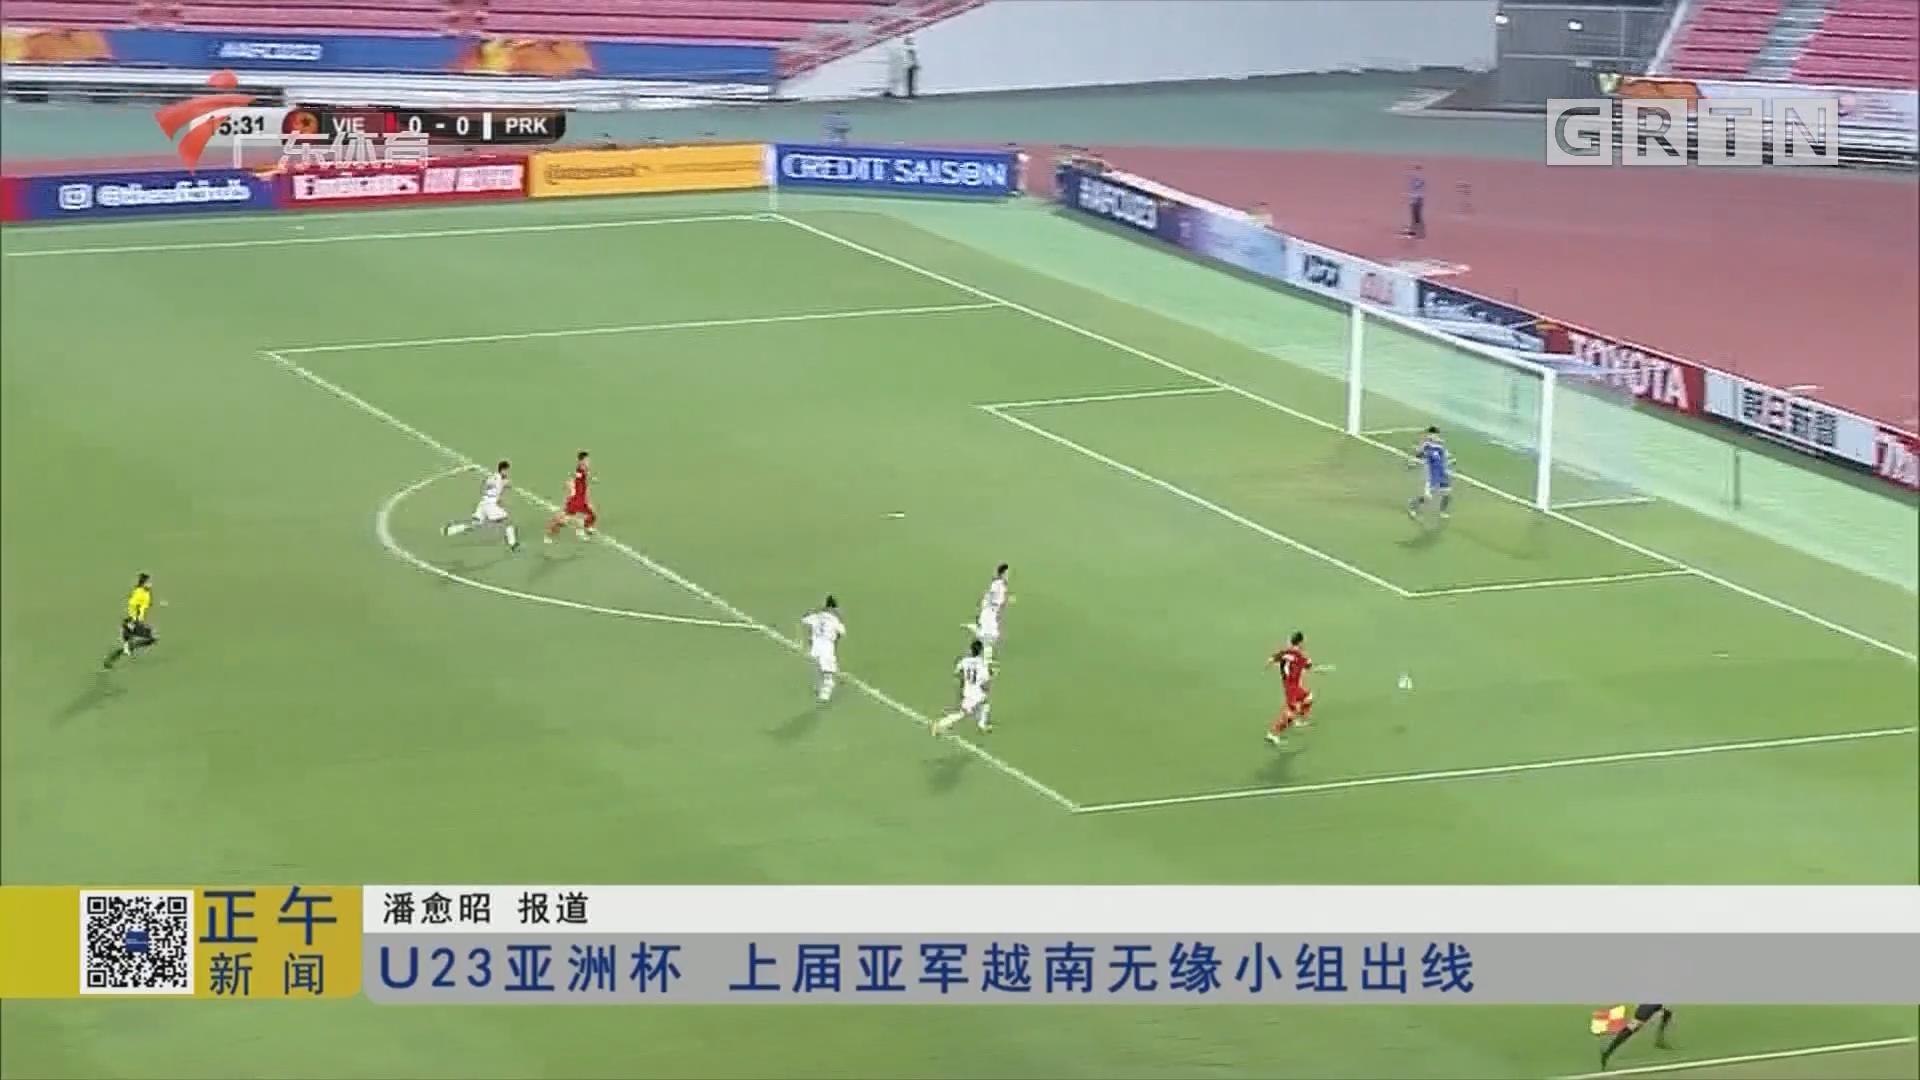 U23亚洲杯 上届亚军越南无缘小组出线